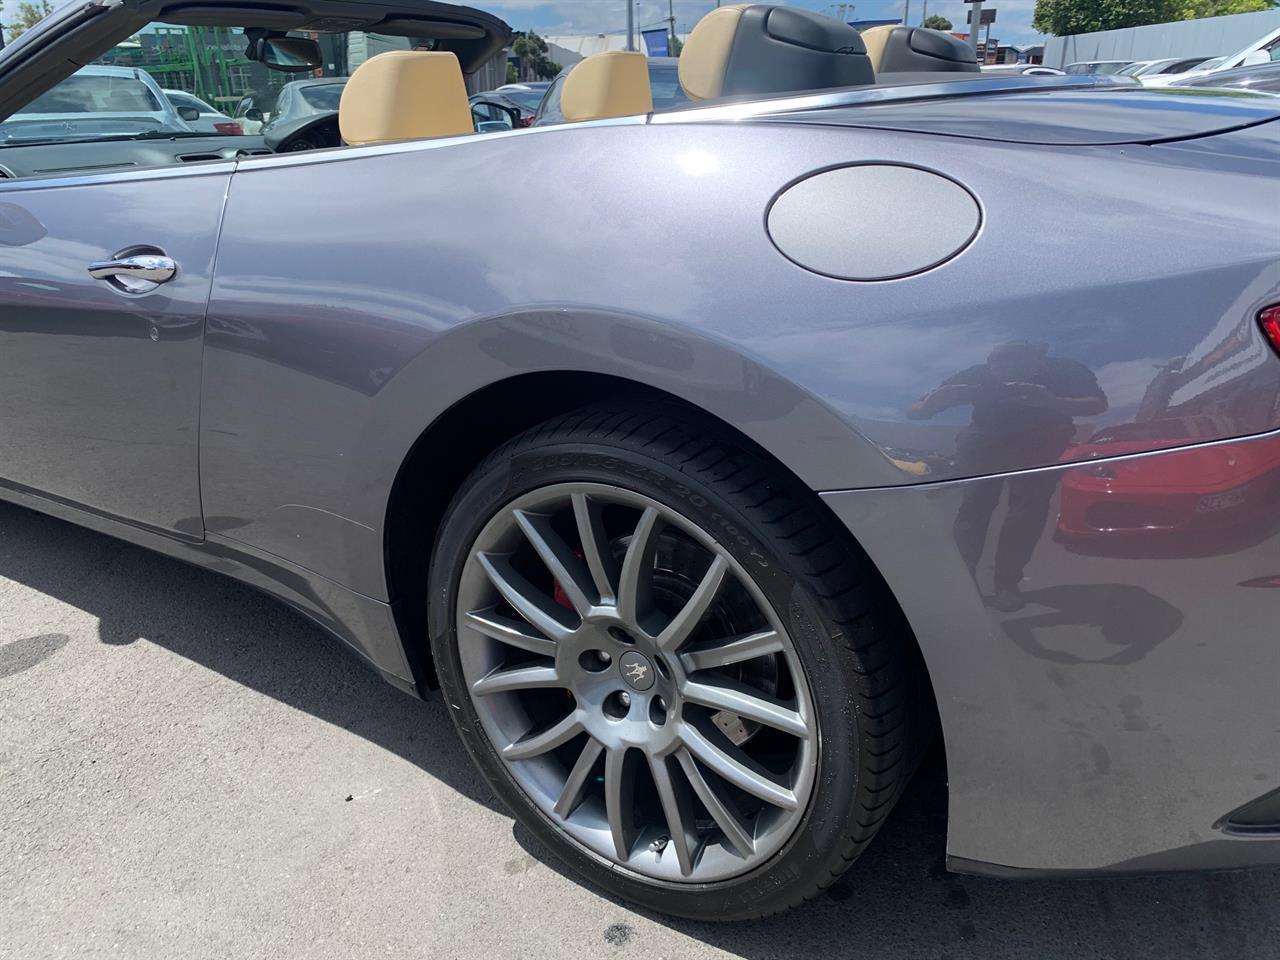 image-4, 2012 Maserati GranCabrio 4.7 V8 Roadster at Christchurch